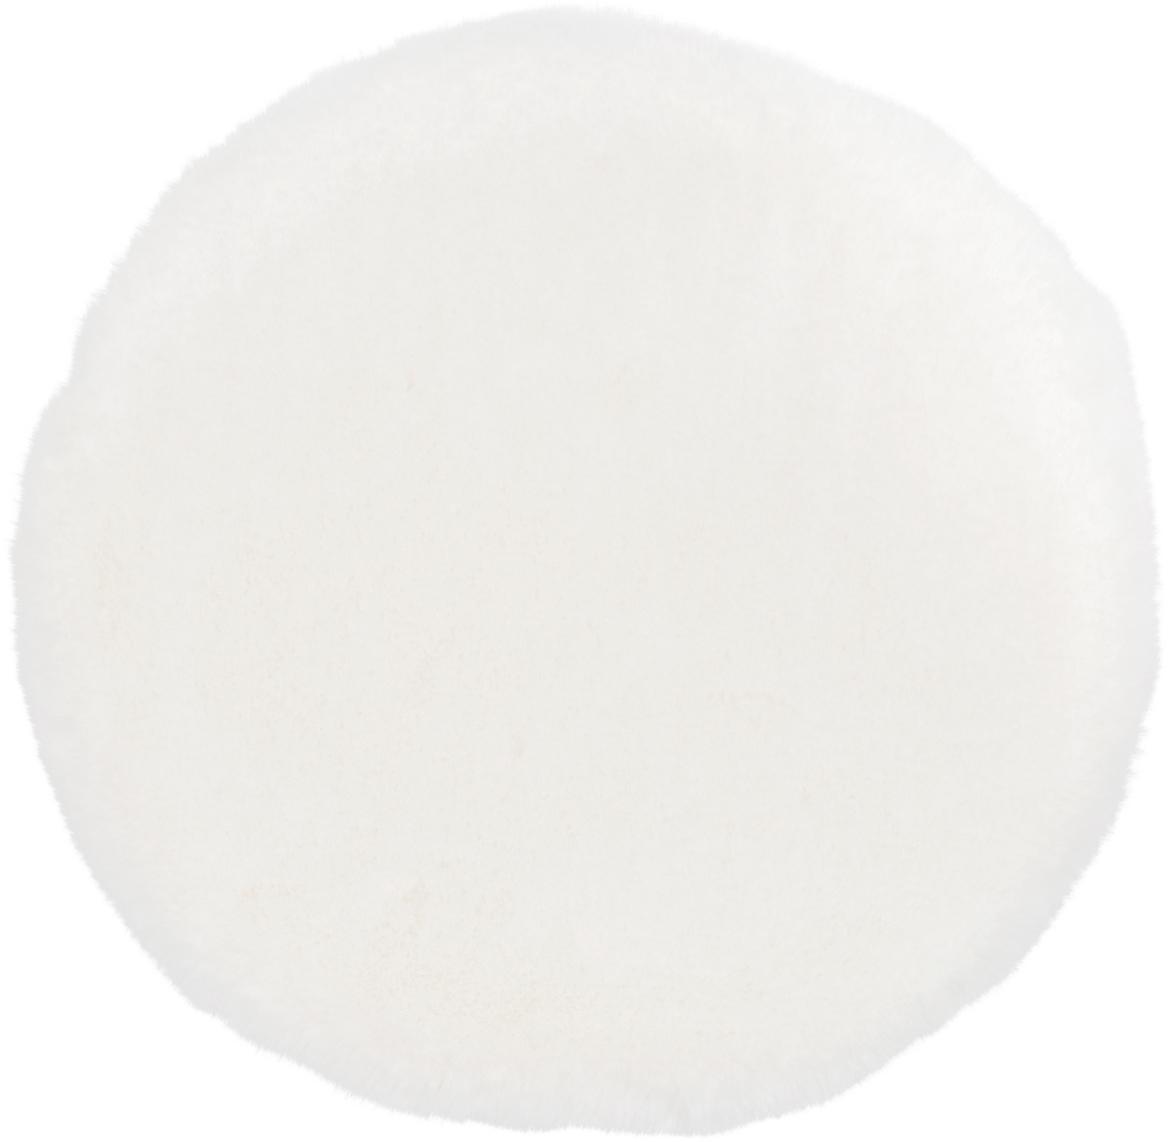 Rond zitkussen van imitatievacht Mette, glad, Crèmekleurig, Ø 37 cm